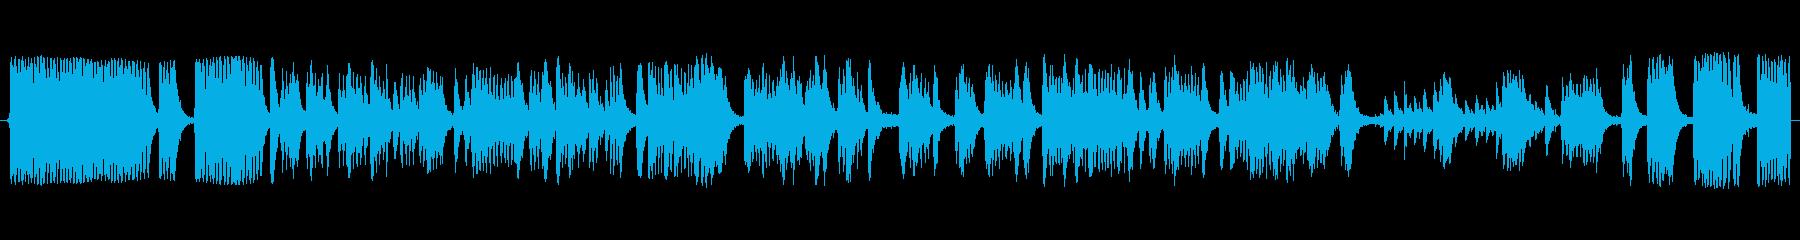 大声で叫ぶの再生済みの波形